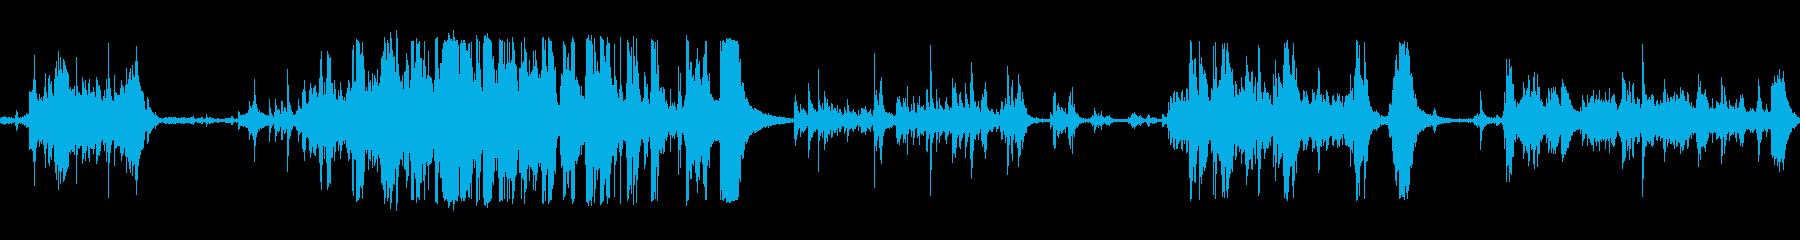 金属ドラムロールの再生済みの波形